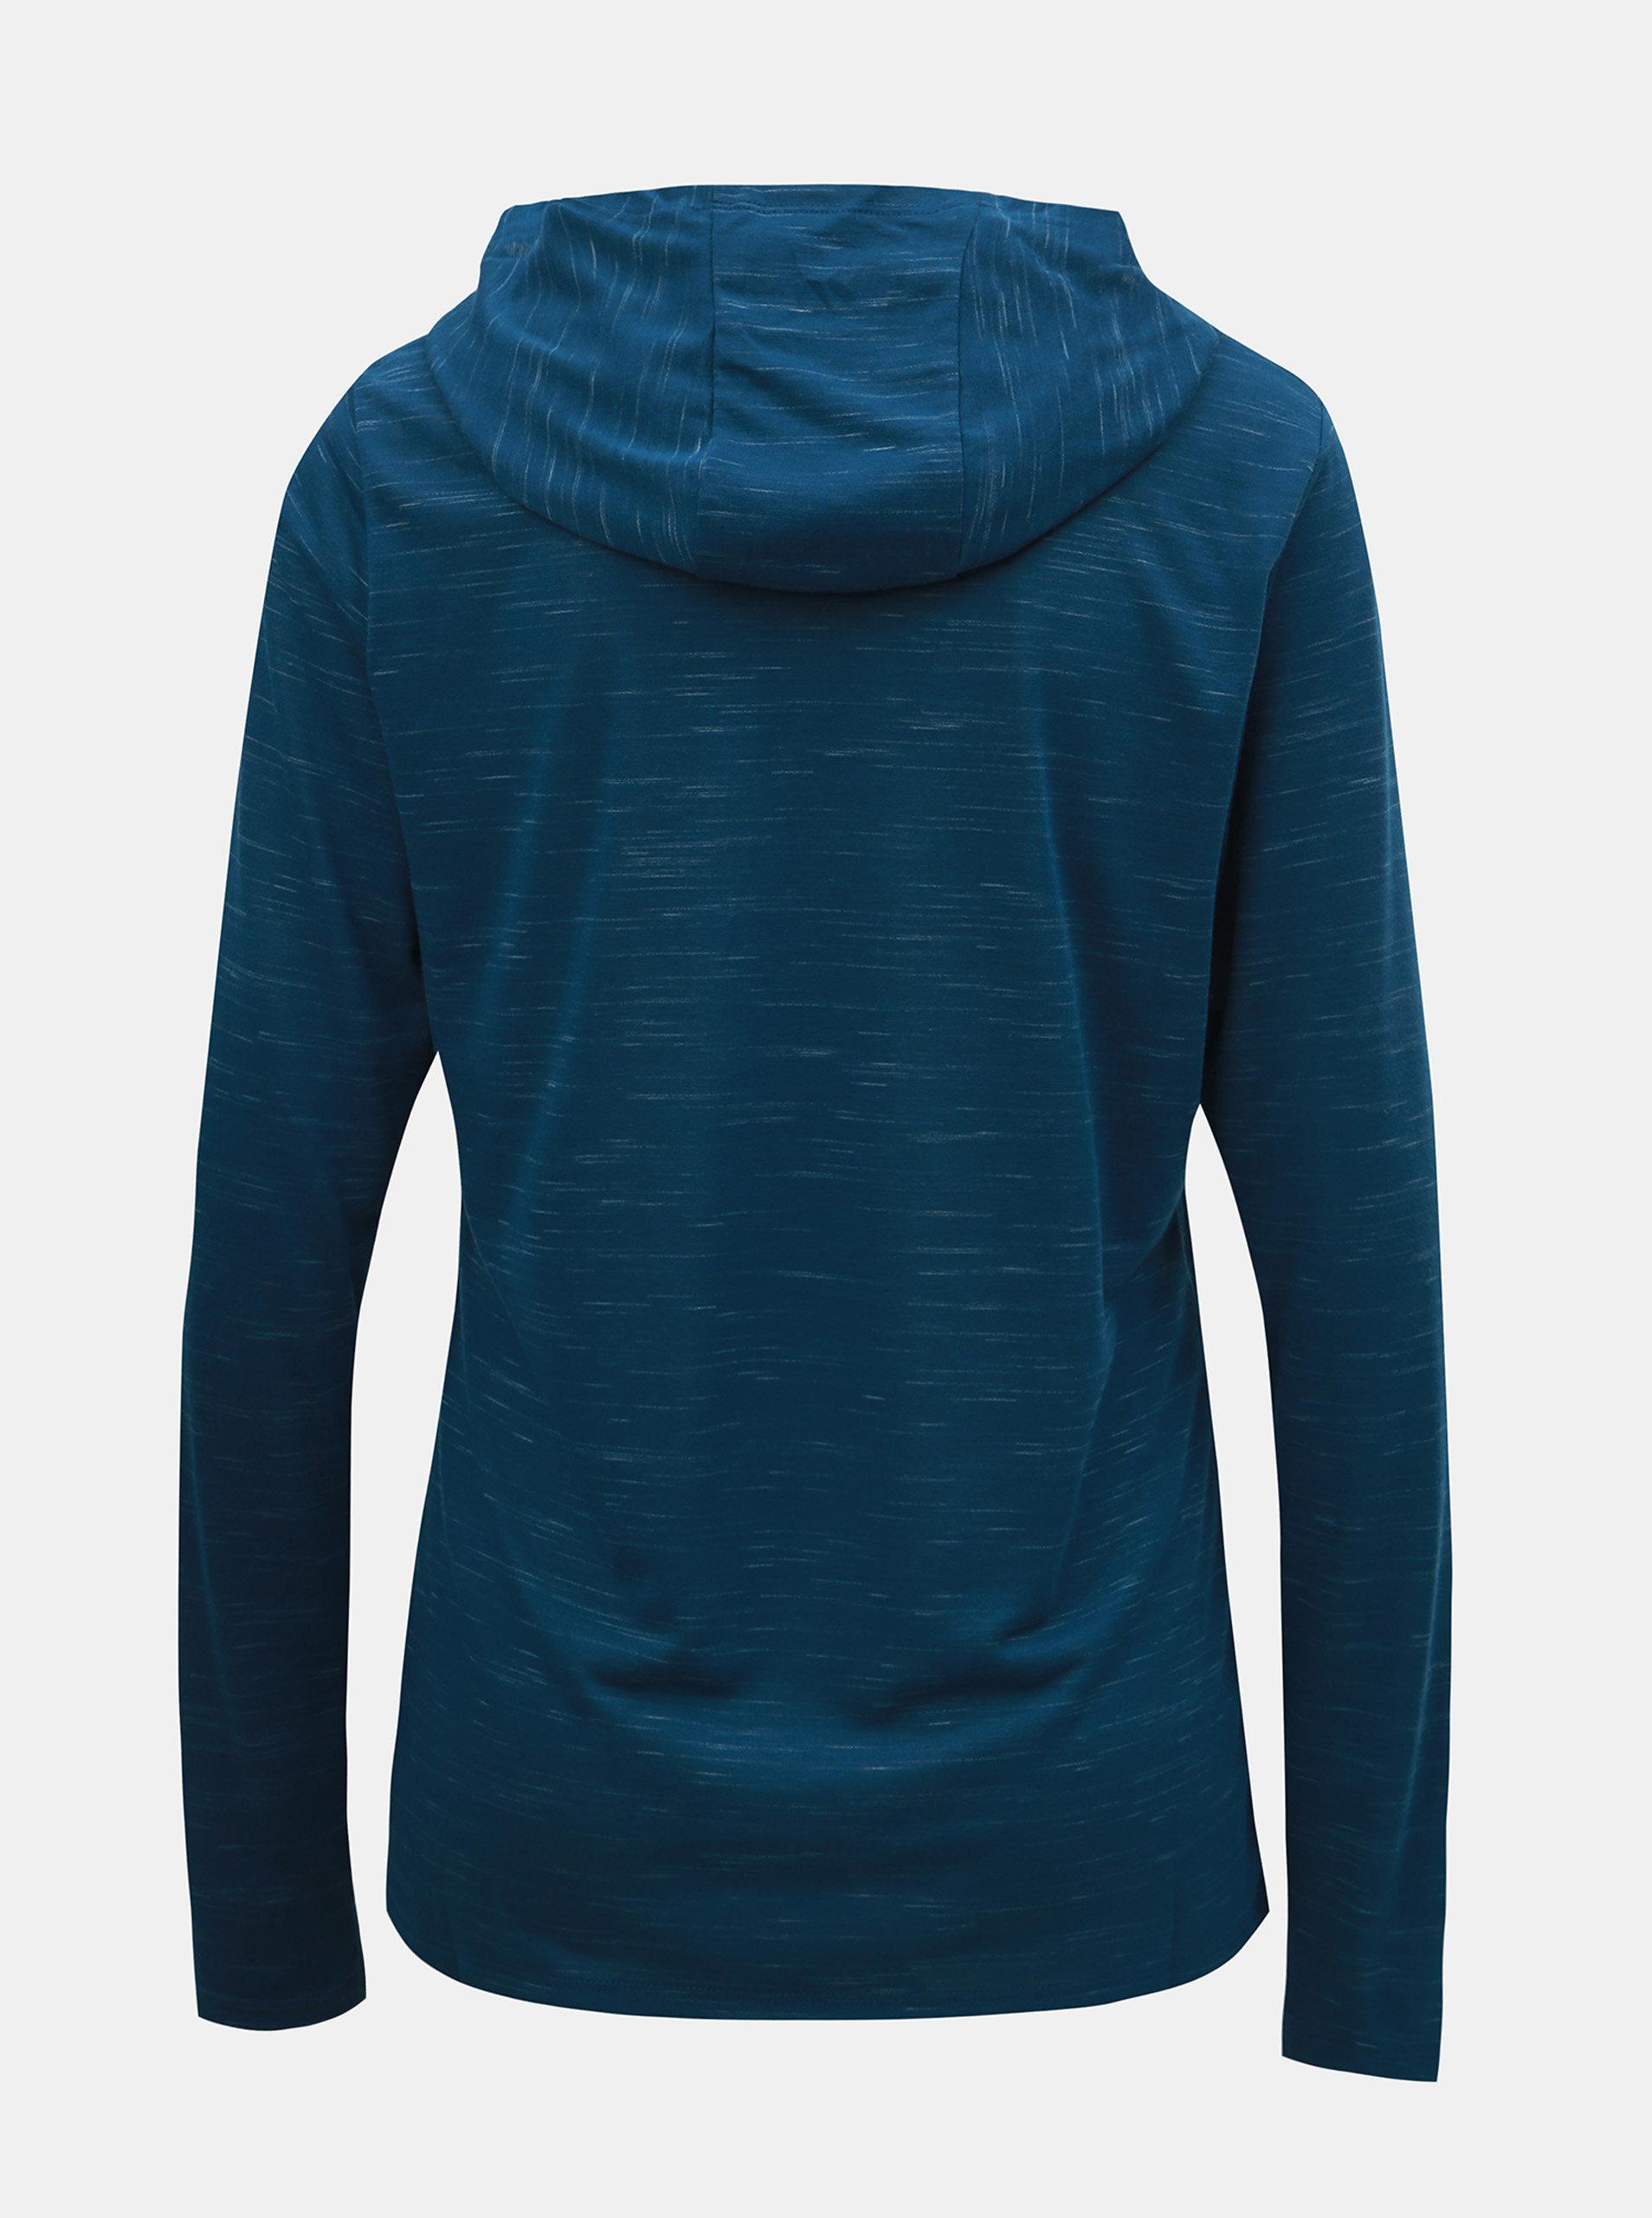 Modré dámske melírované tričko s dlhým rukávom a kapucňou Nike ... 09cf0adf4f8